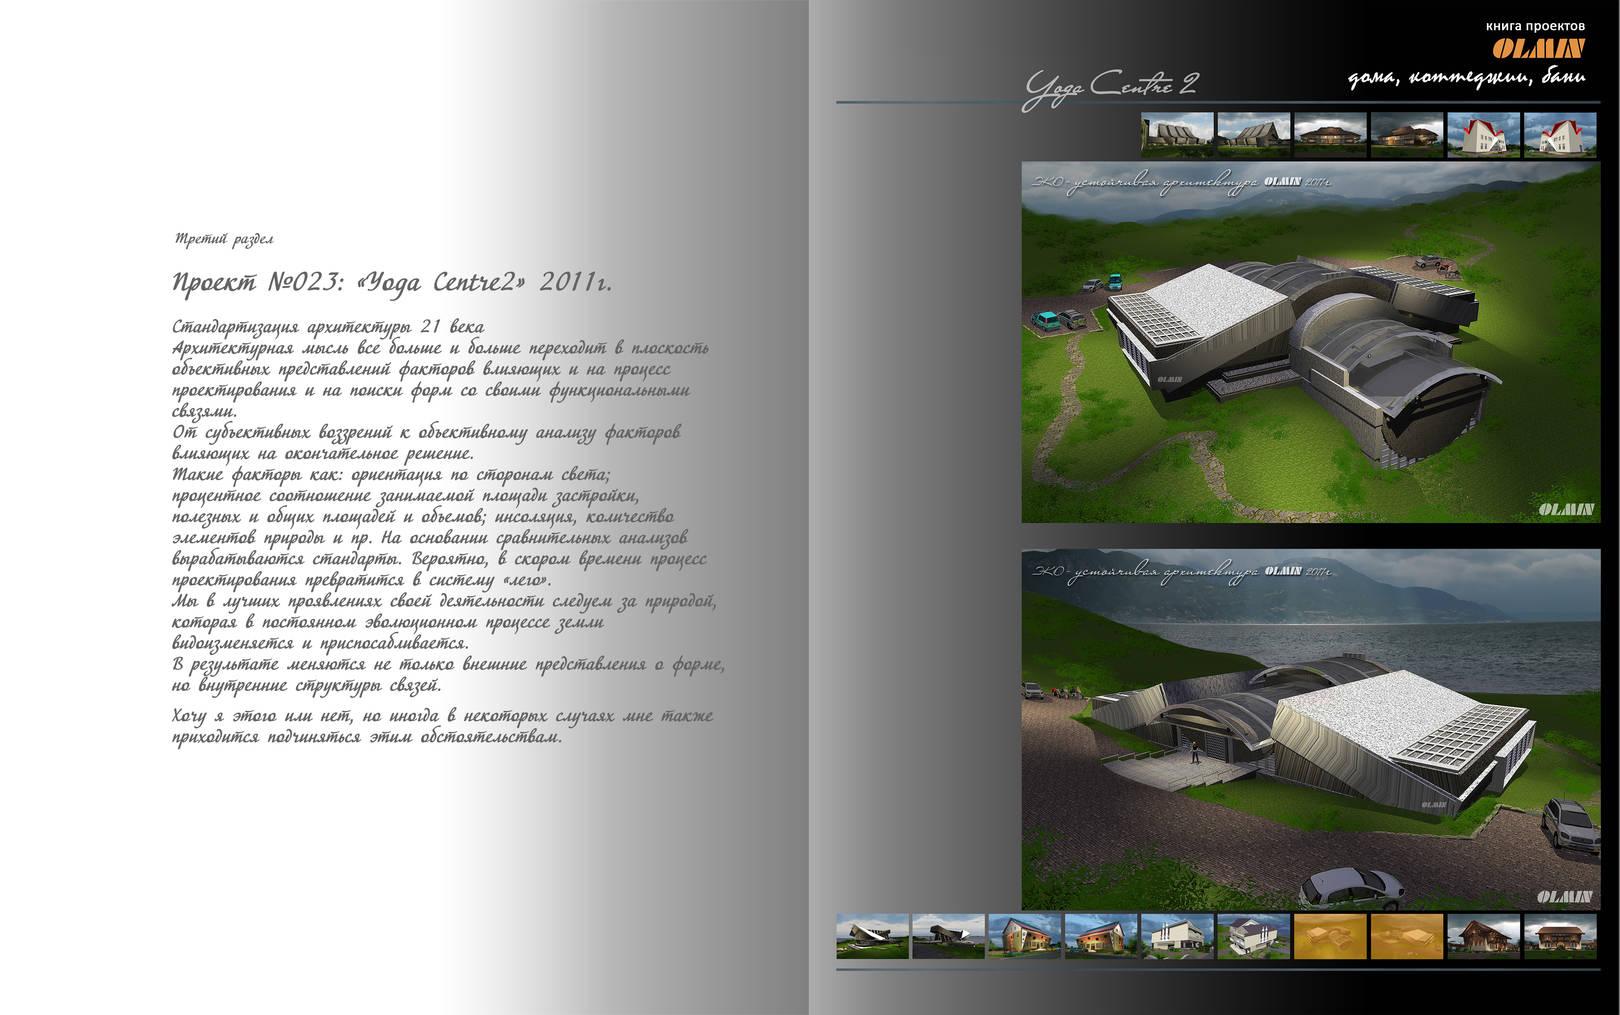 Йога-Центр со СПА комплексом, конкурсный проект, Западная Македония, Греция. 2011 г.